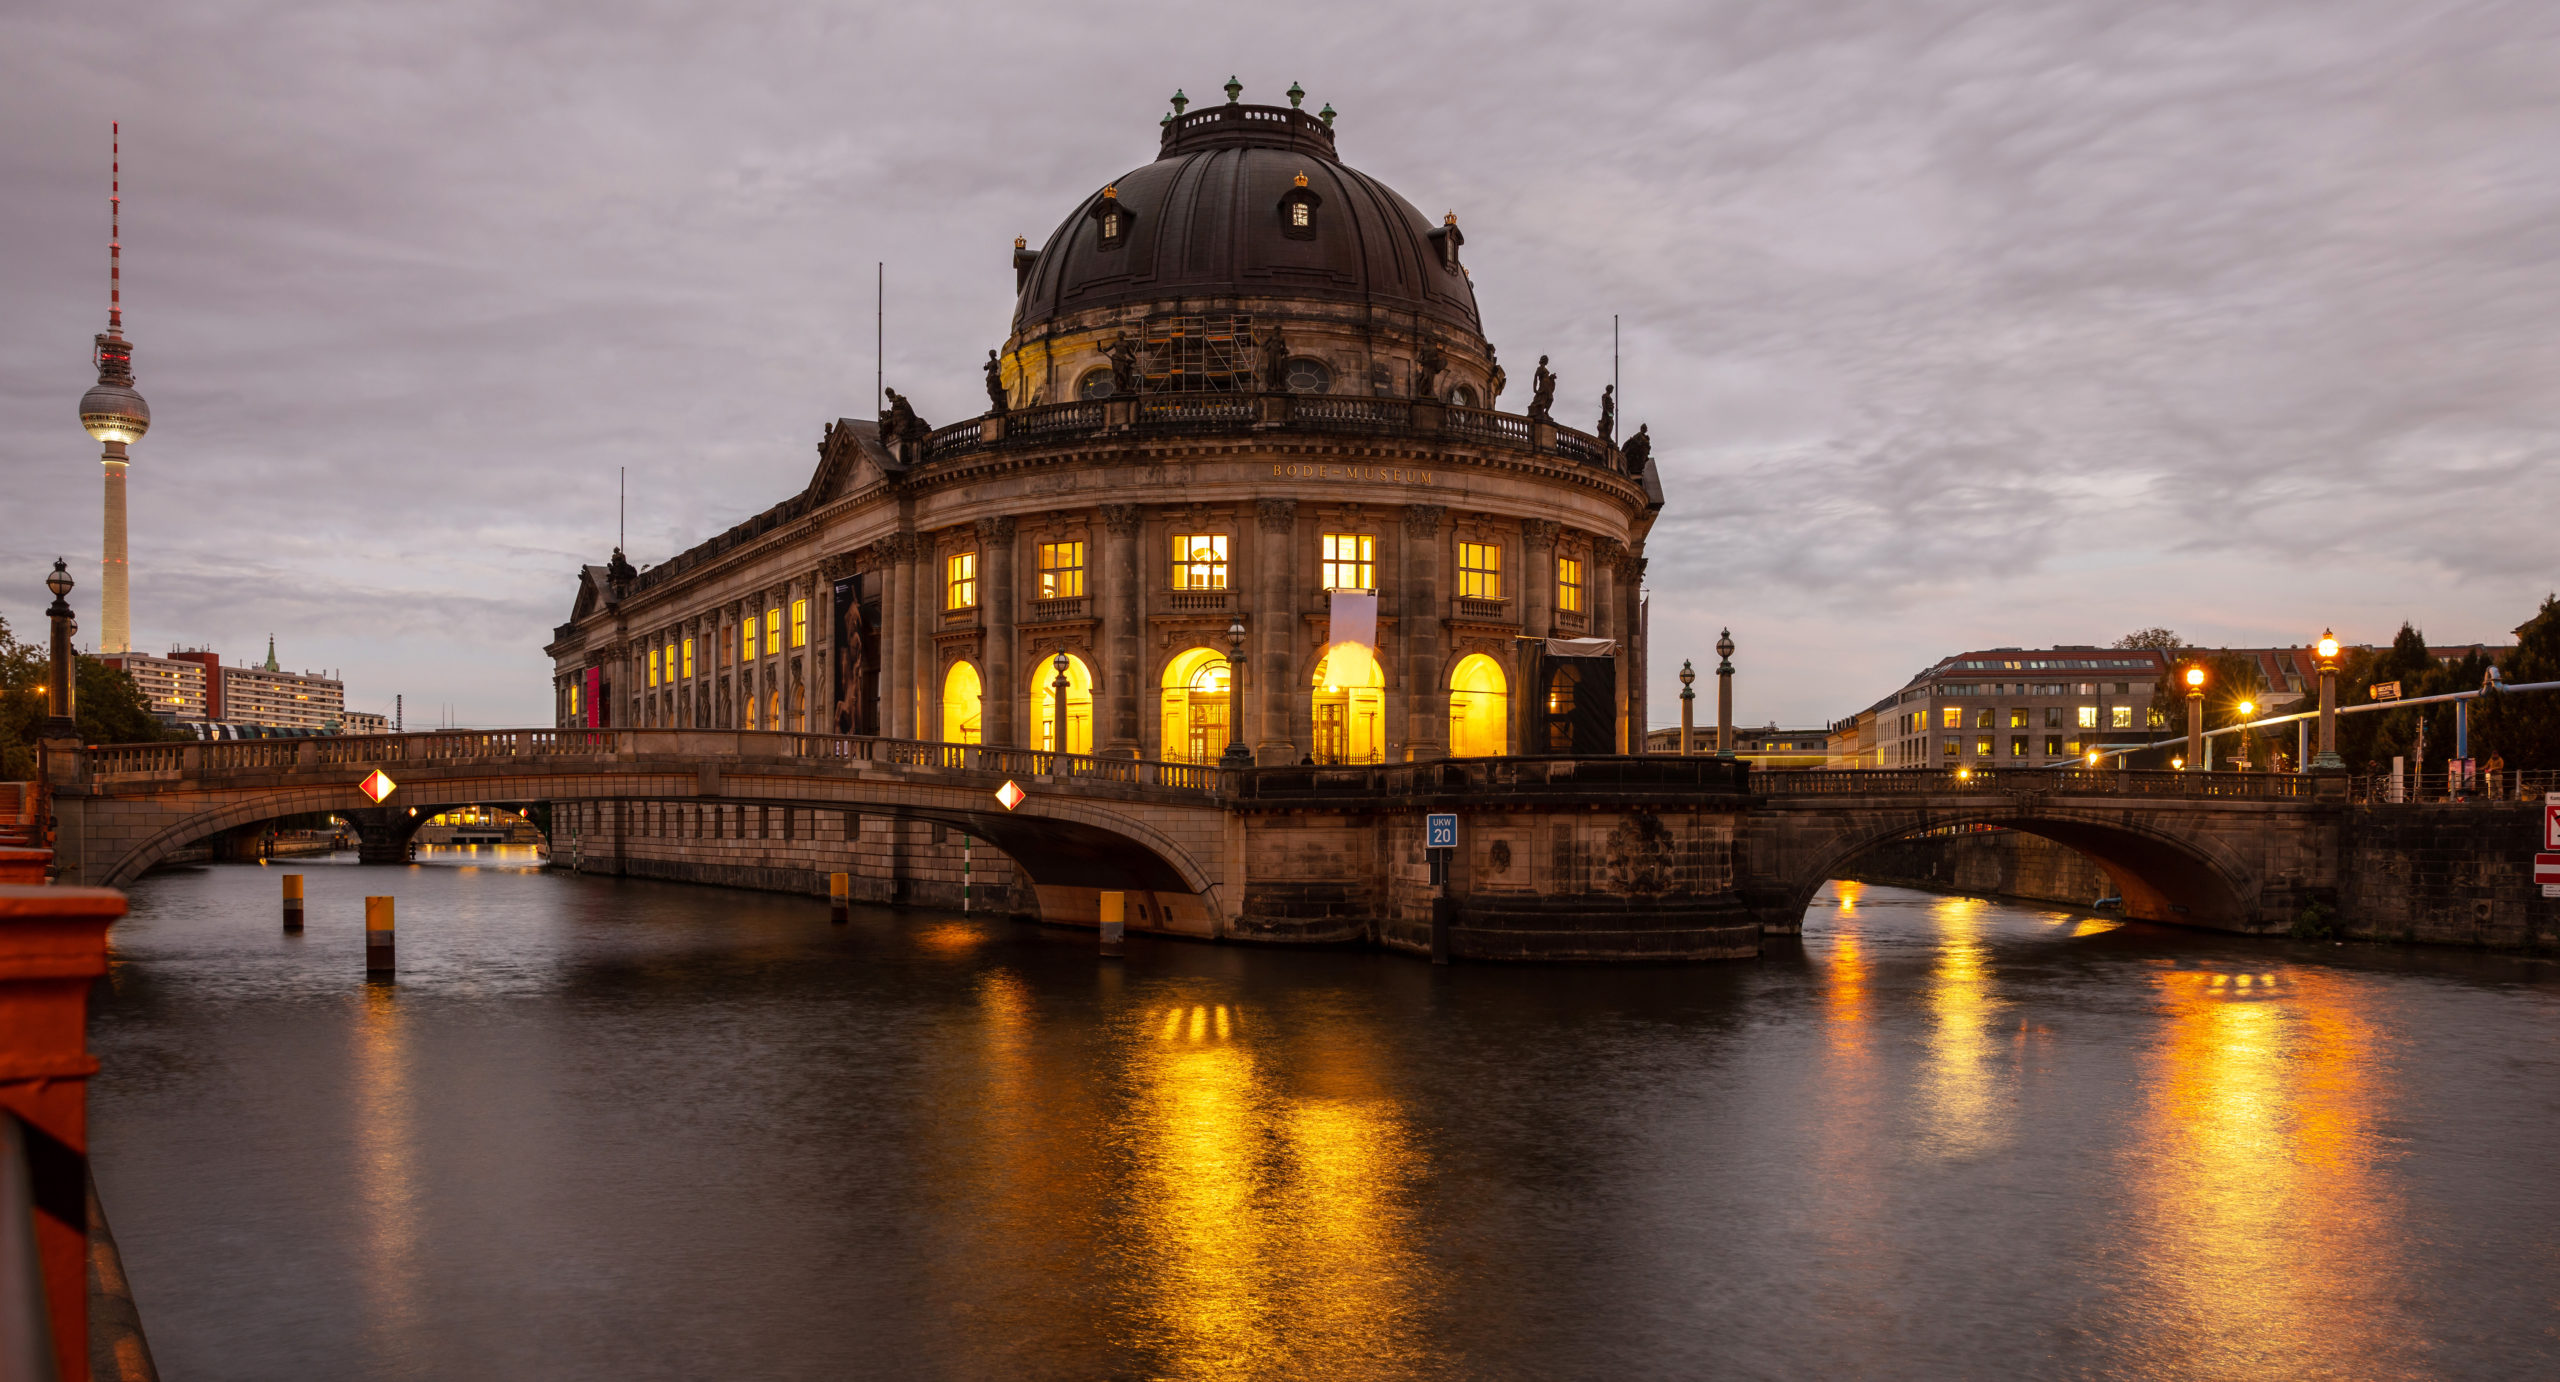 Die Museumsinsel in Berlin mit dem Pergamonmuseum. Foto: rawf8 via Envato.